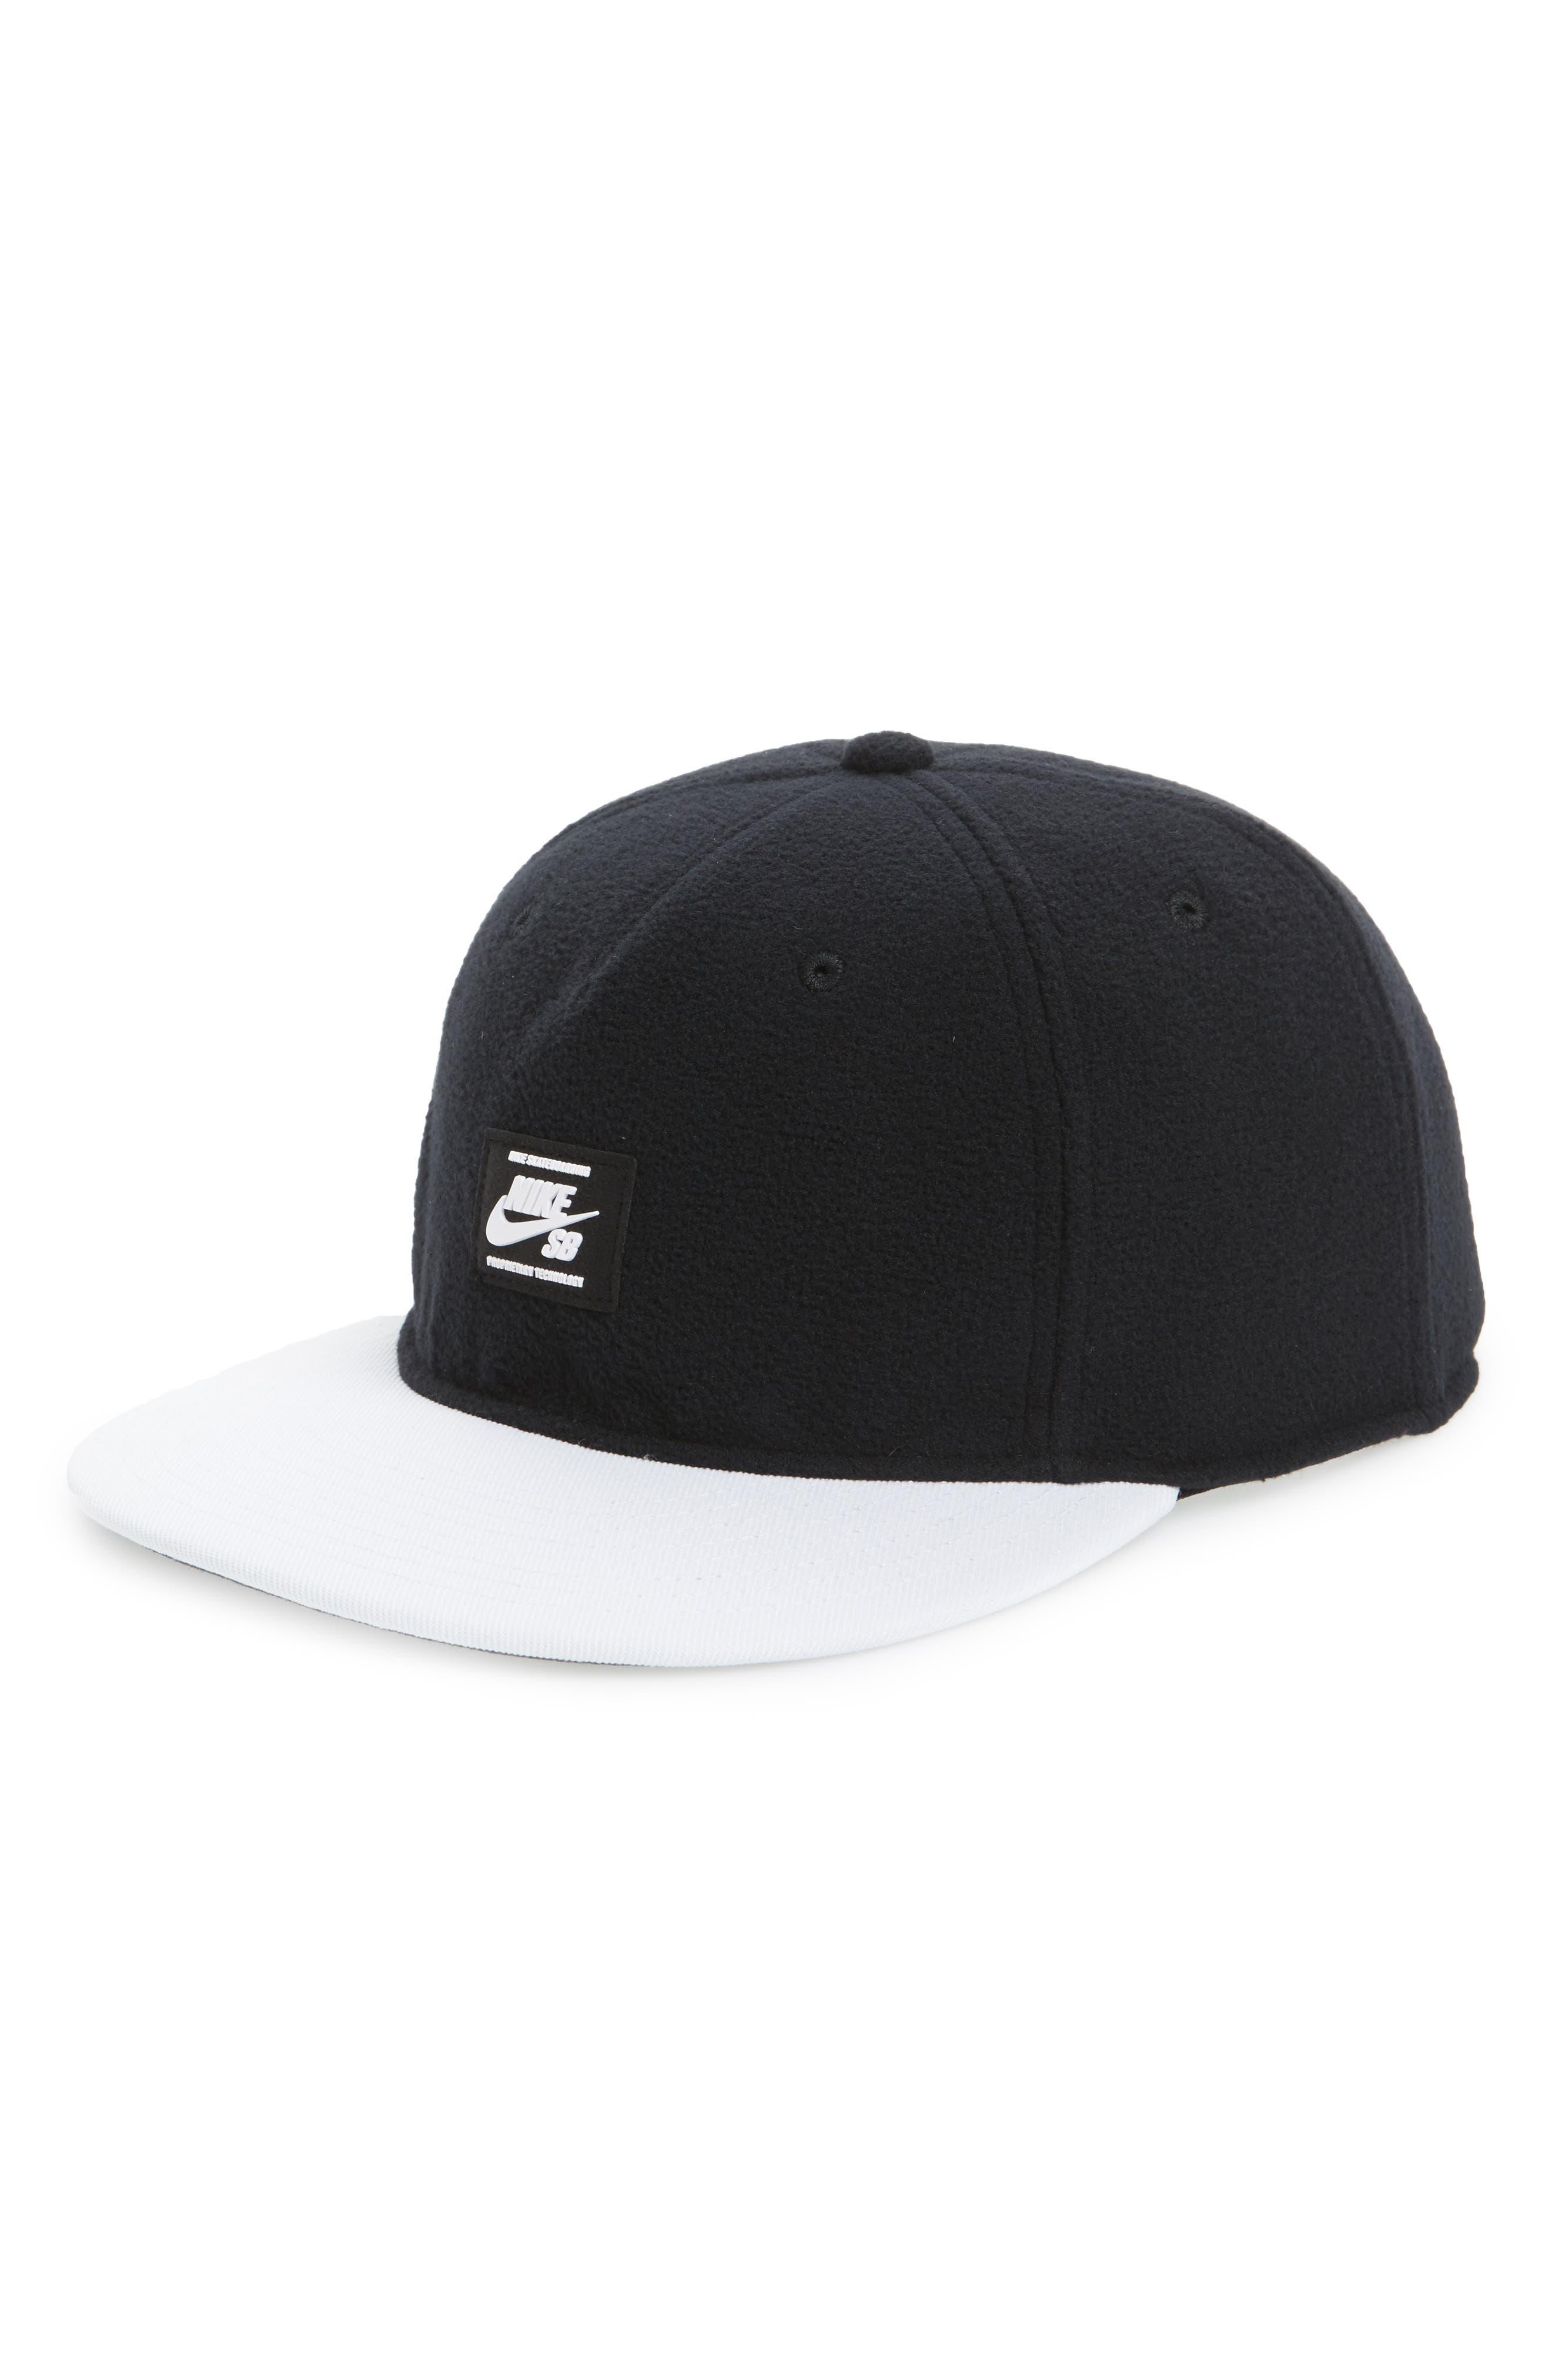 Nike SB Warmth True Cap